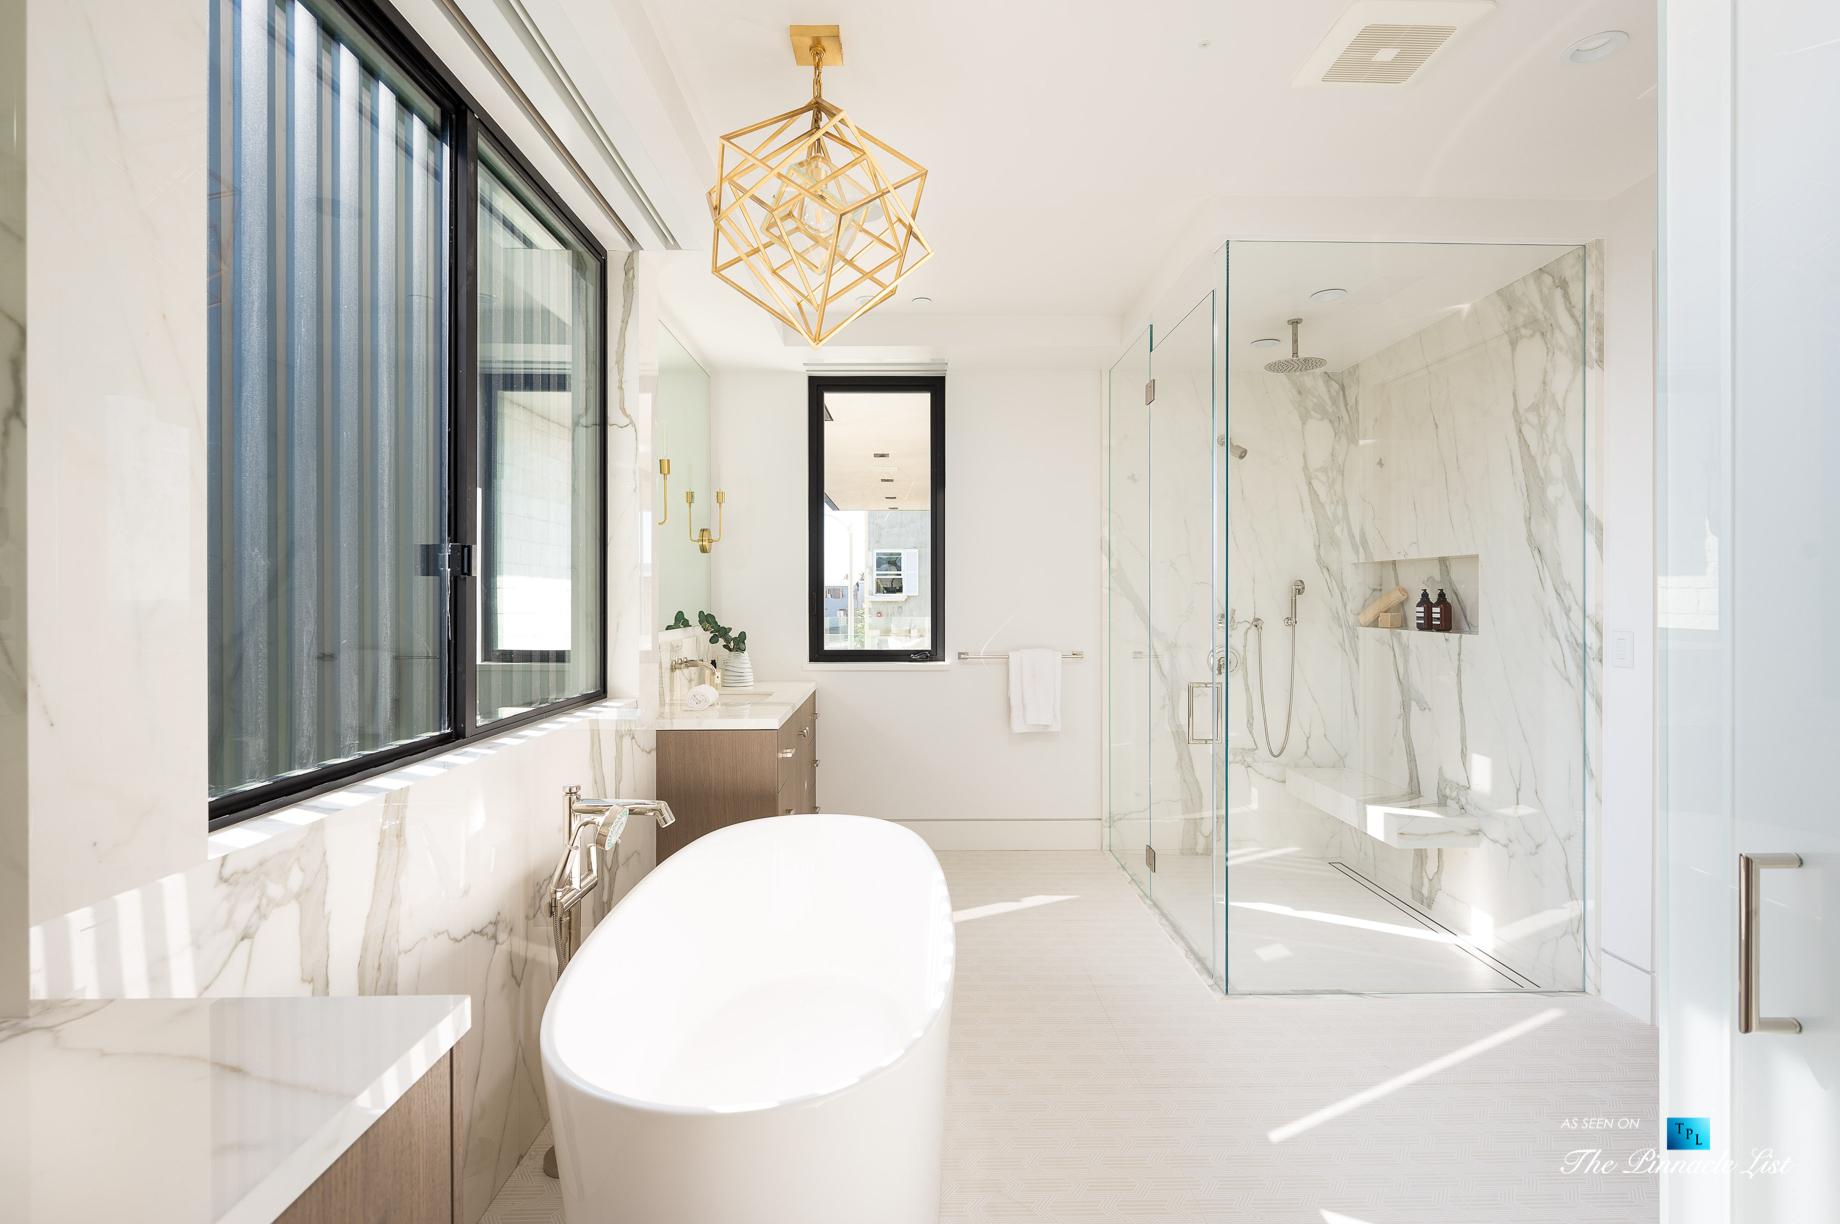 2016 Ocean Dr, Manhattan Beach, CA, USA - Master Bathroom - Luxury Real Estate - Modern Ocean View Home